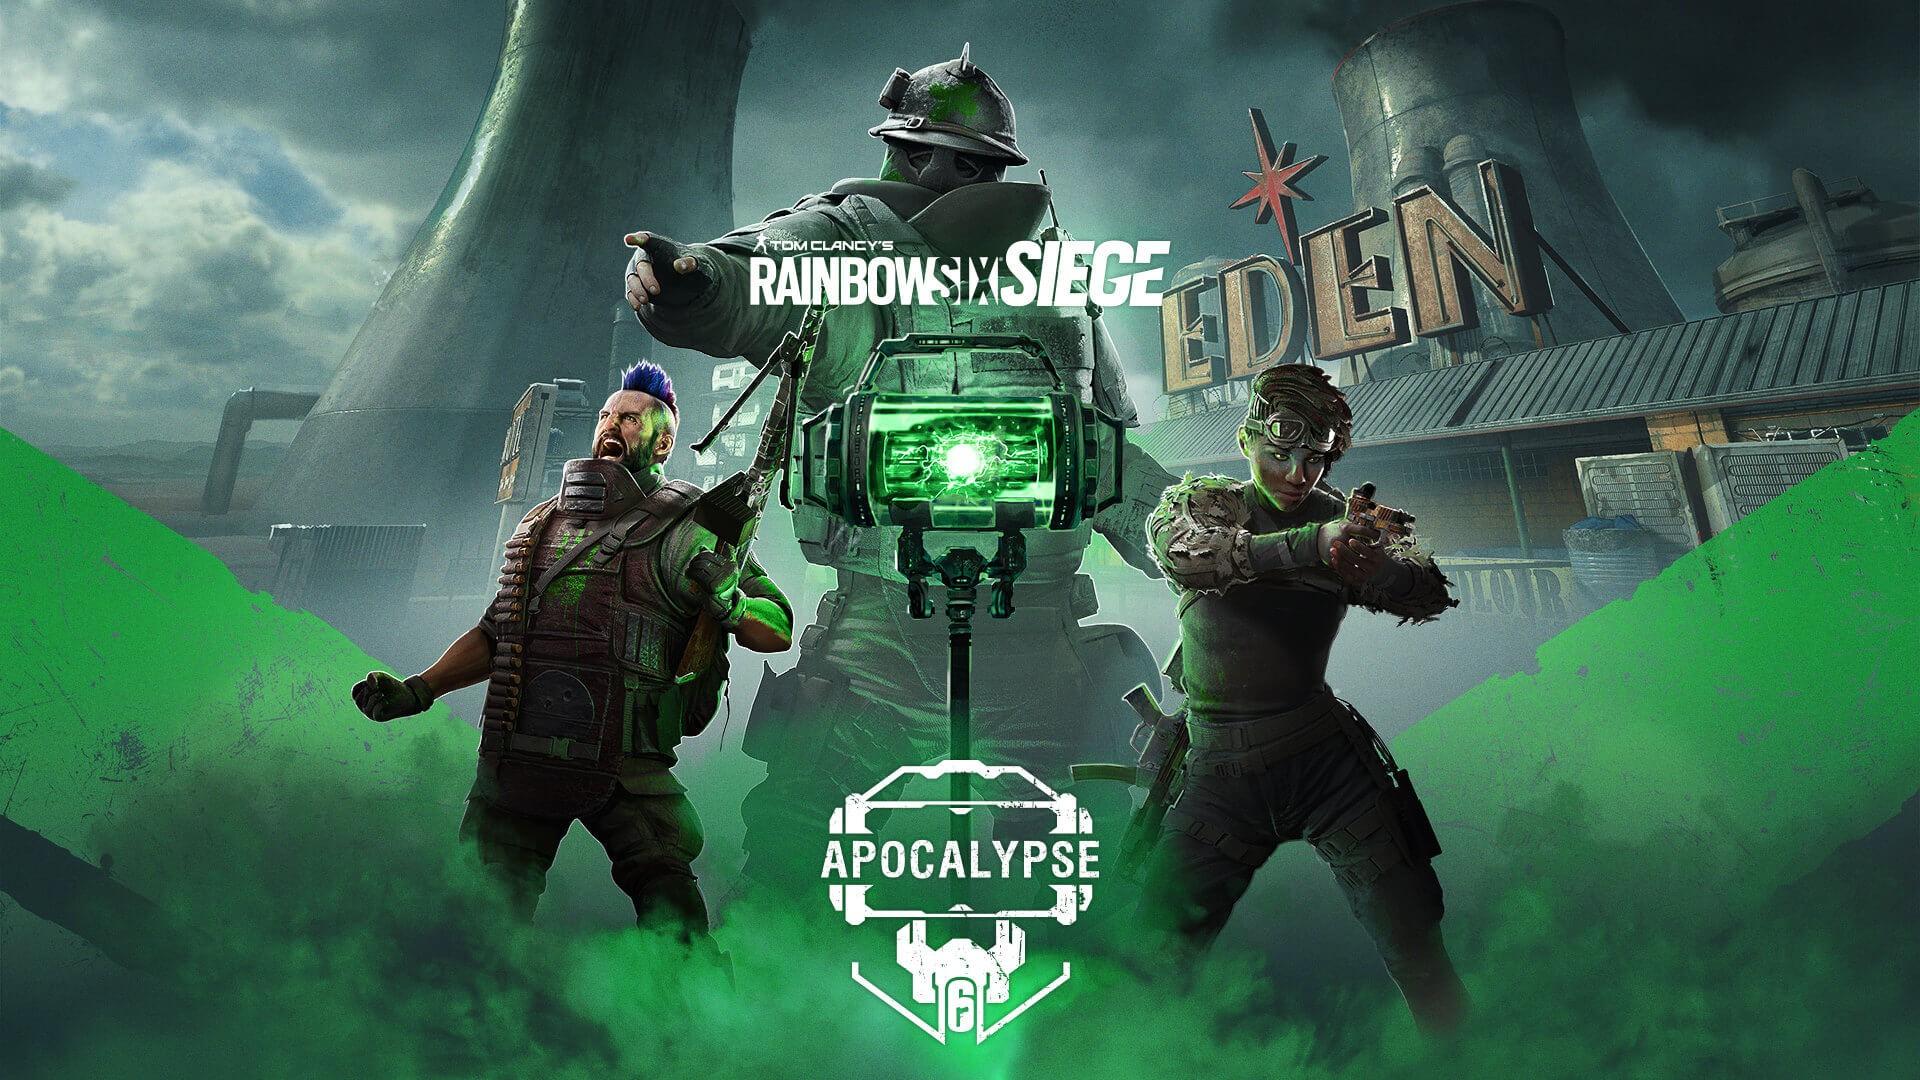 В Rainbow Six Siege началось событие Apocalypse